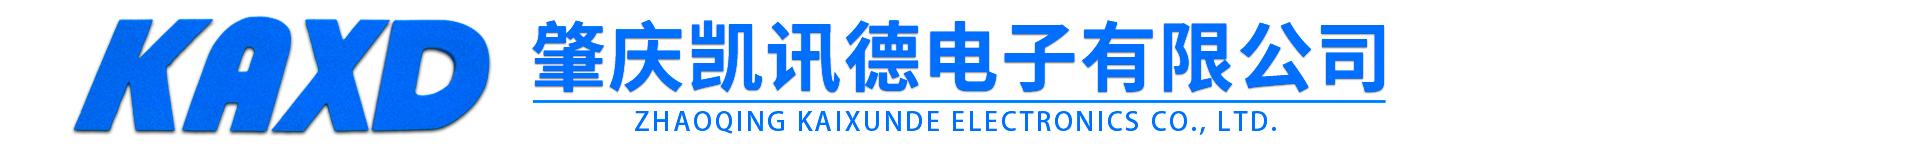 肇慶凱訊德電子有限公司